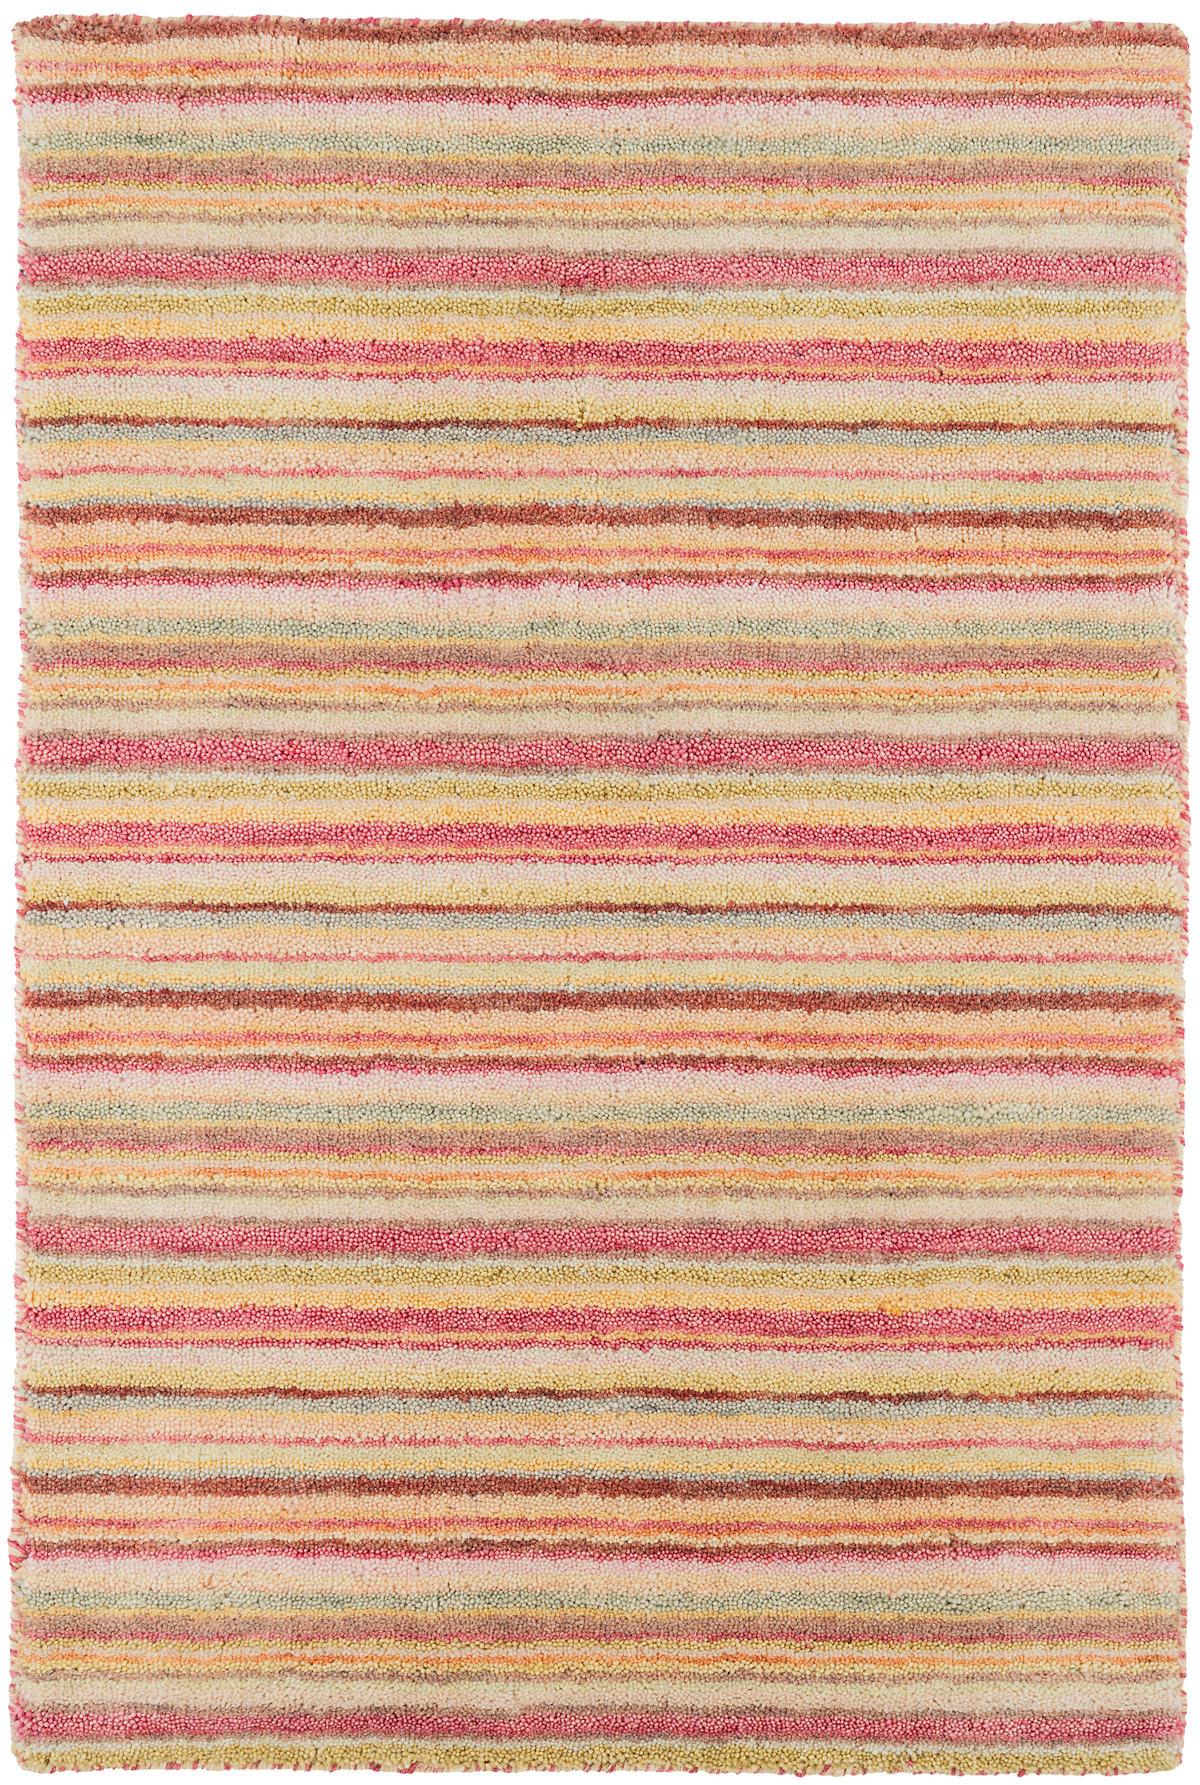 Brindle Stripe Pastel Loom Knotted Wool Rug